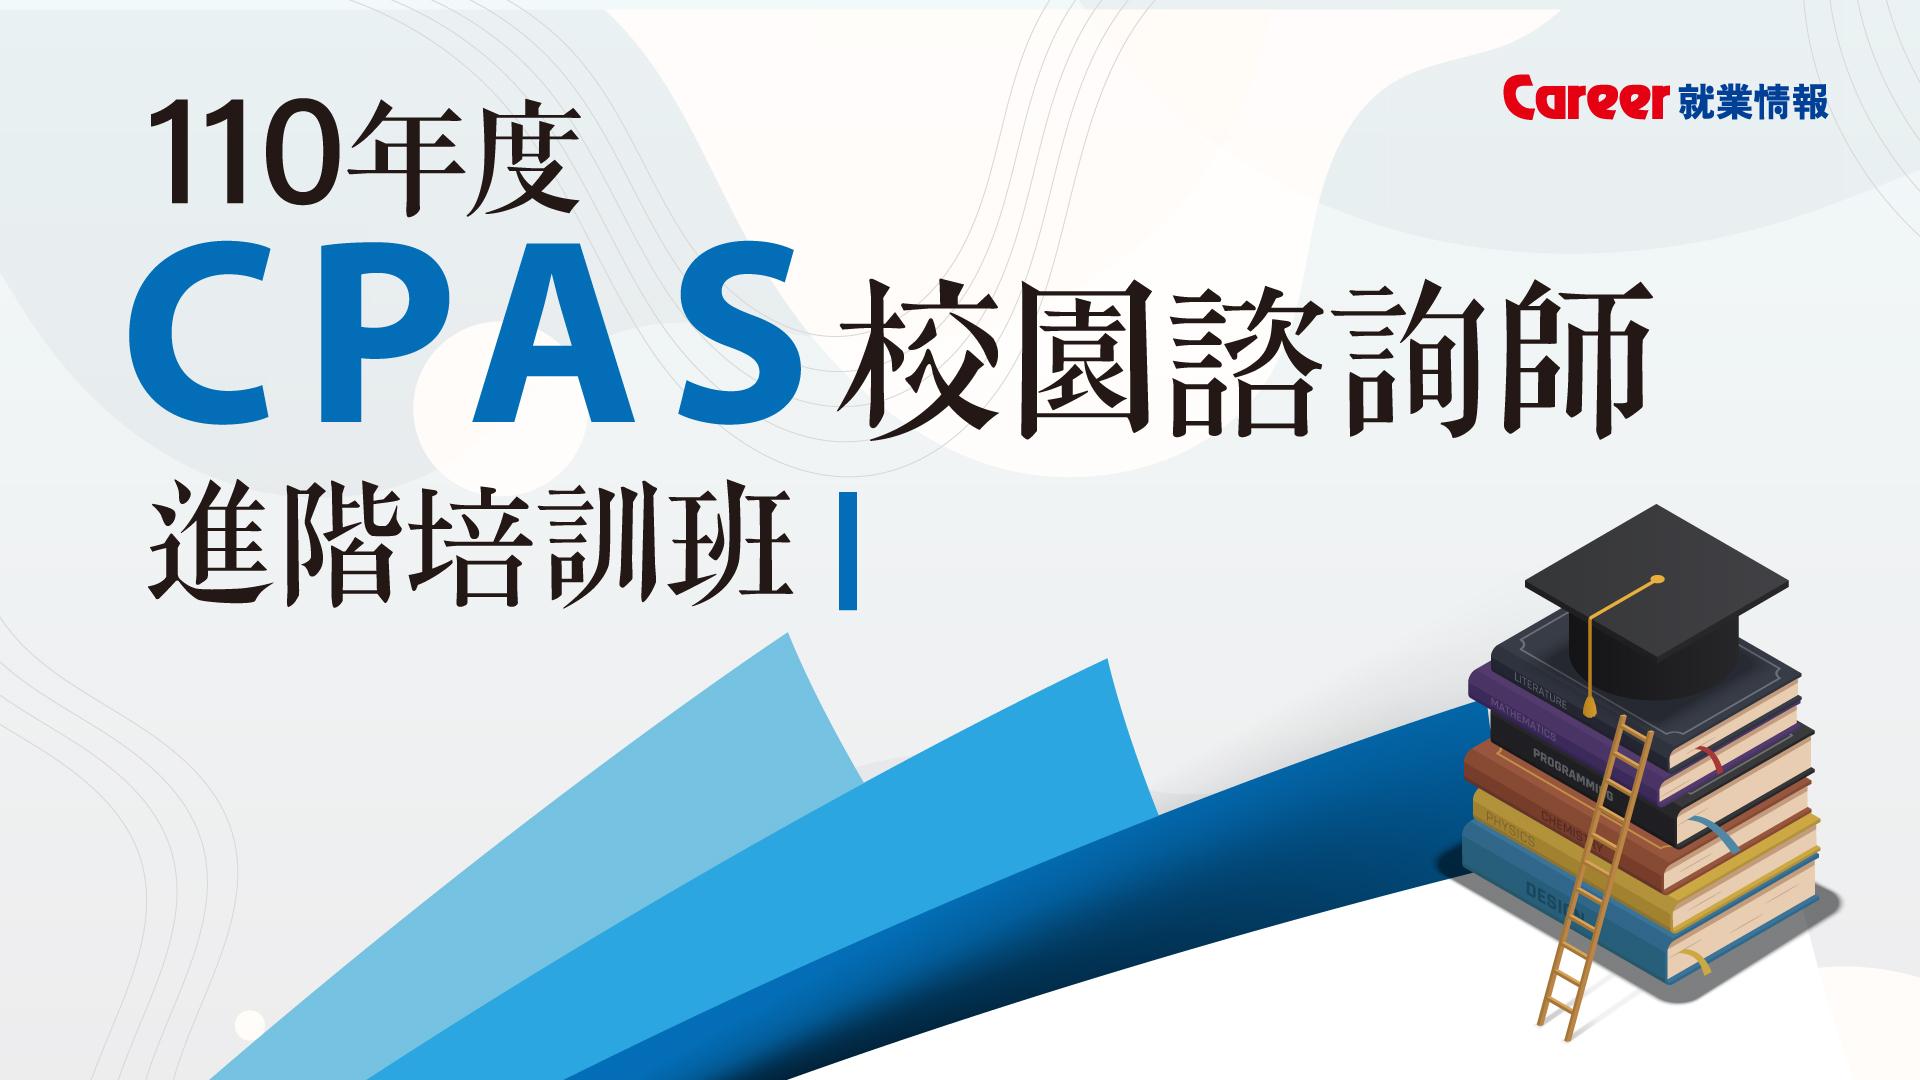 110年CPAS校園諮詢師-進階培訓班I